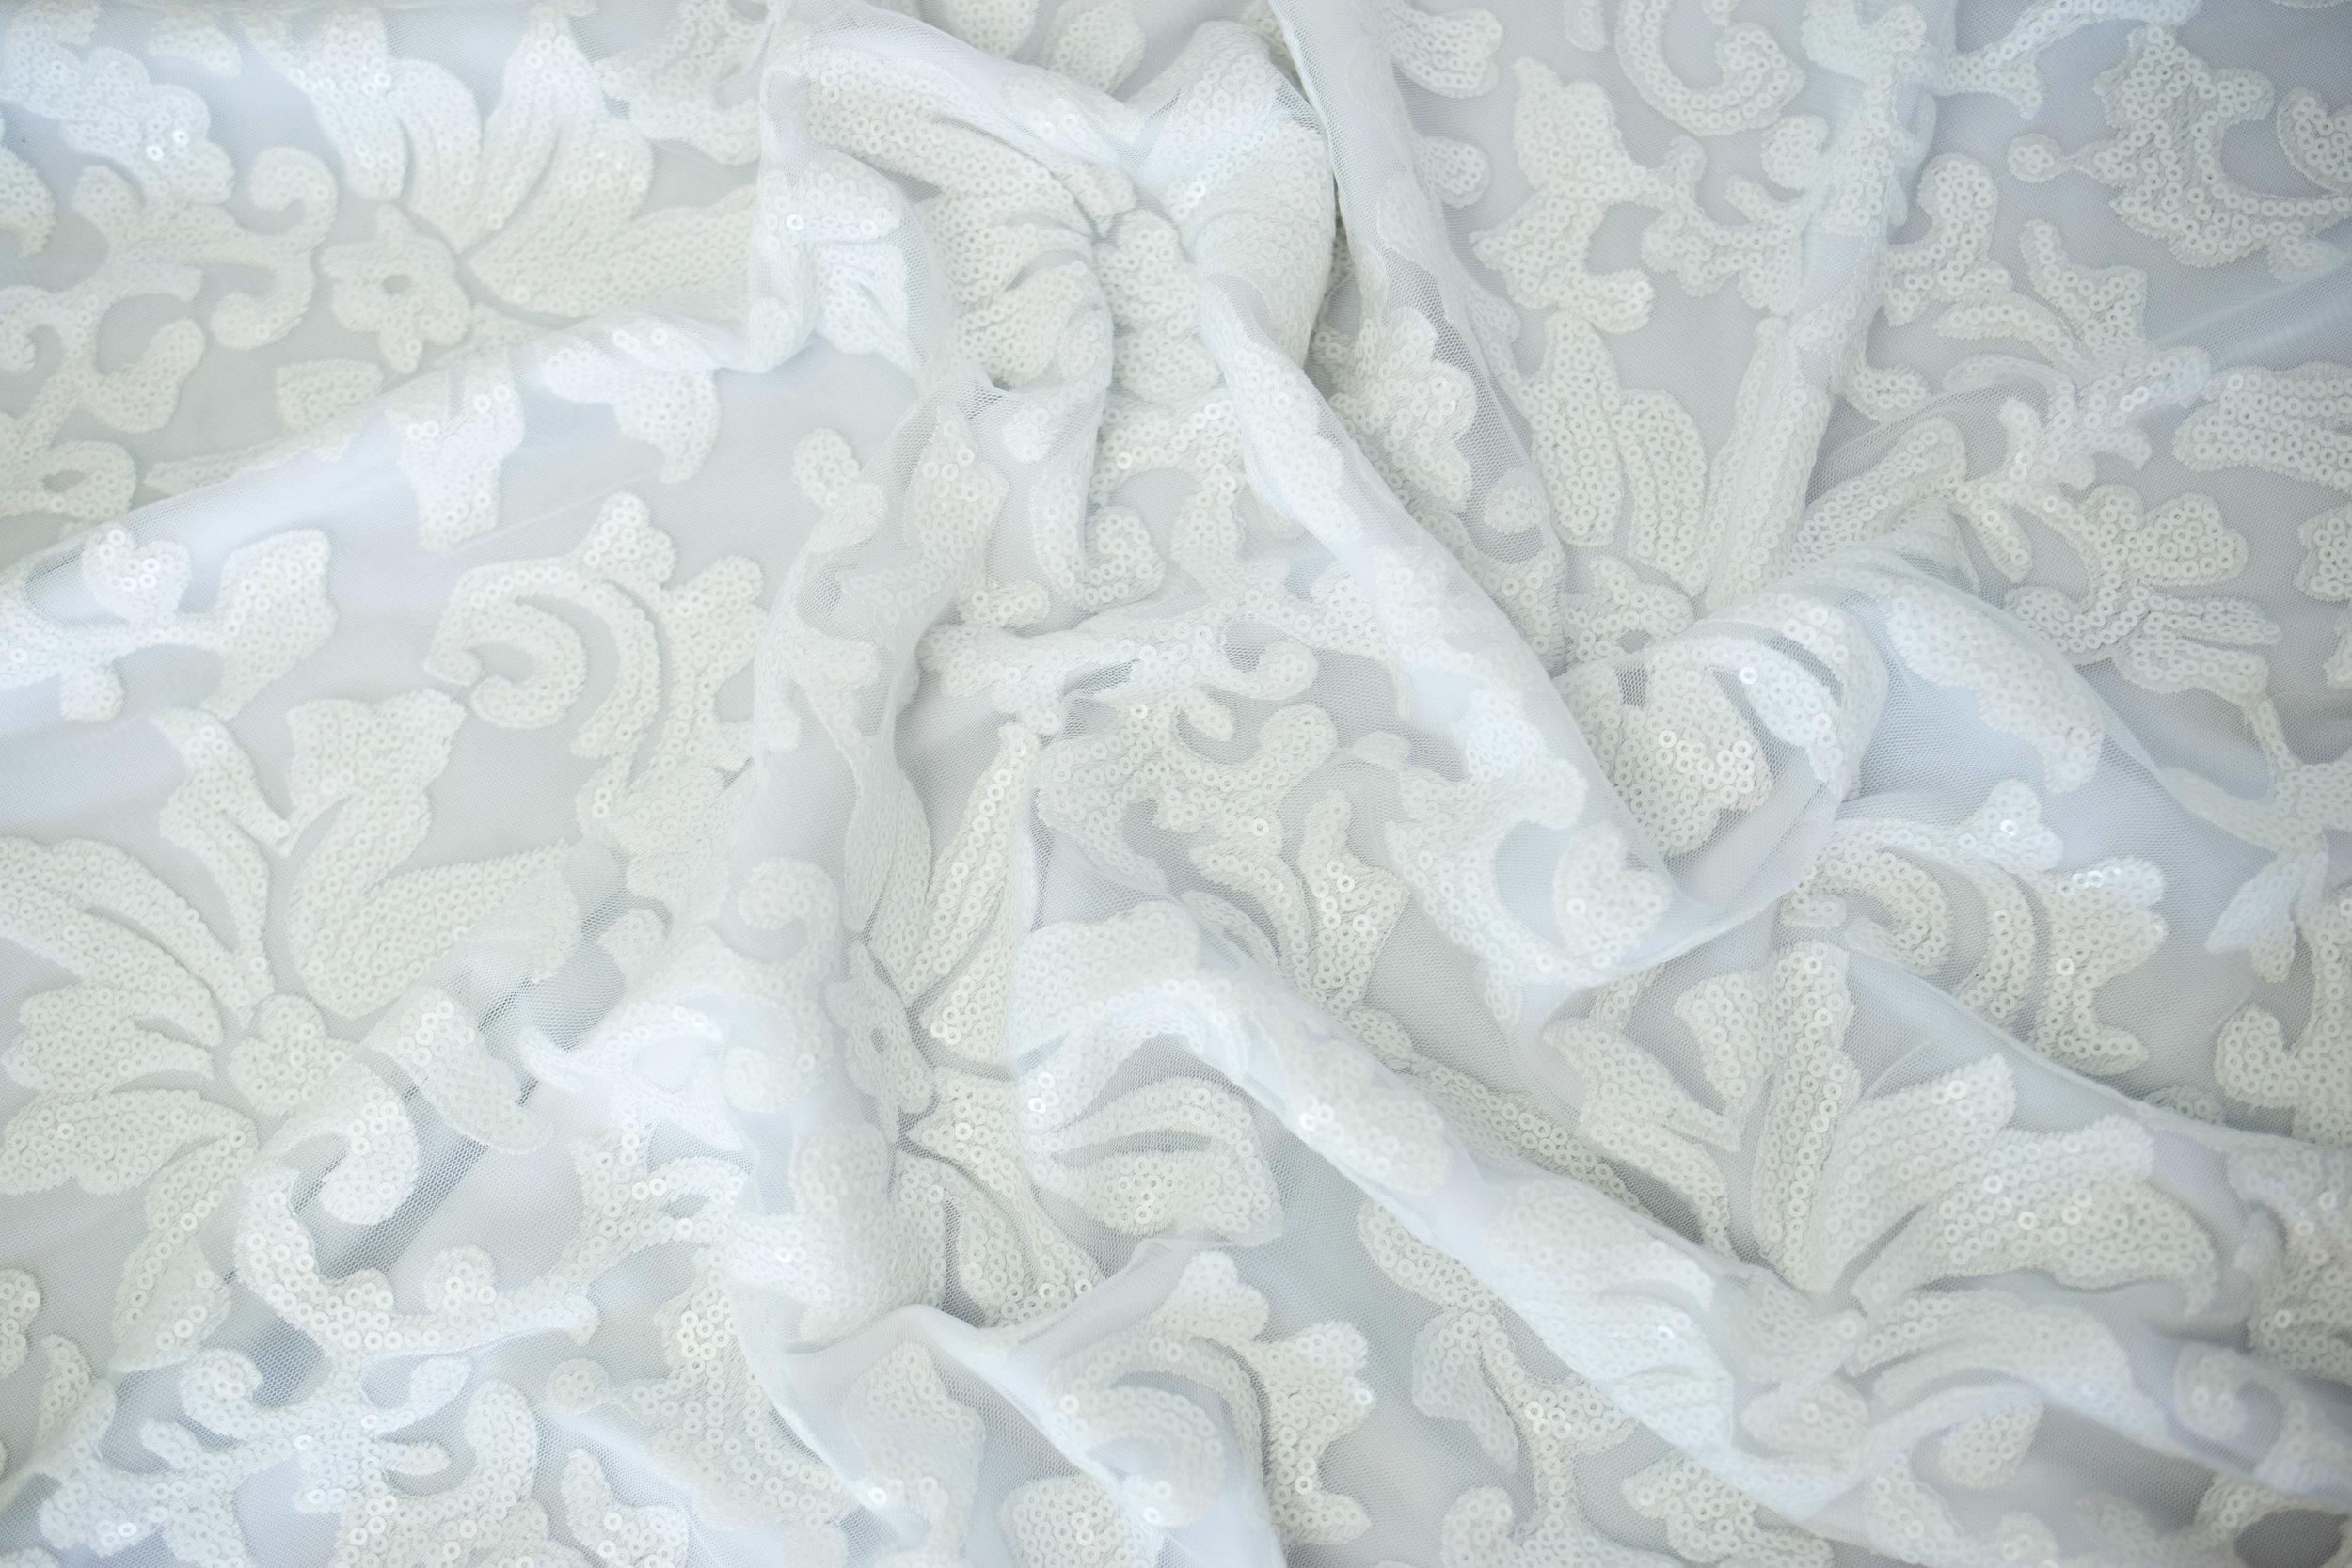 IMG_4928.jpg Magnolia Lace.jpg